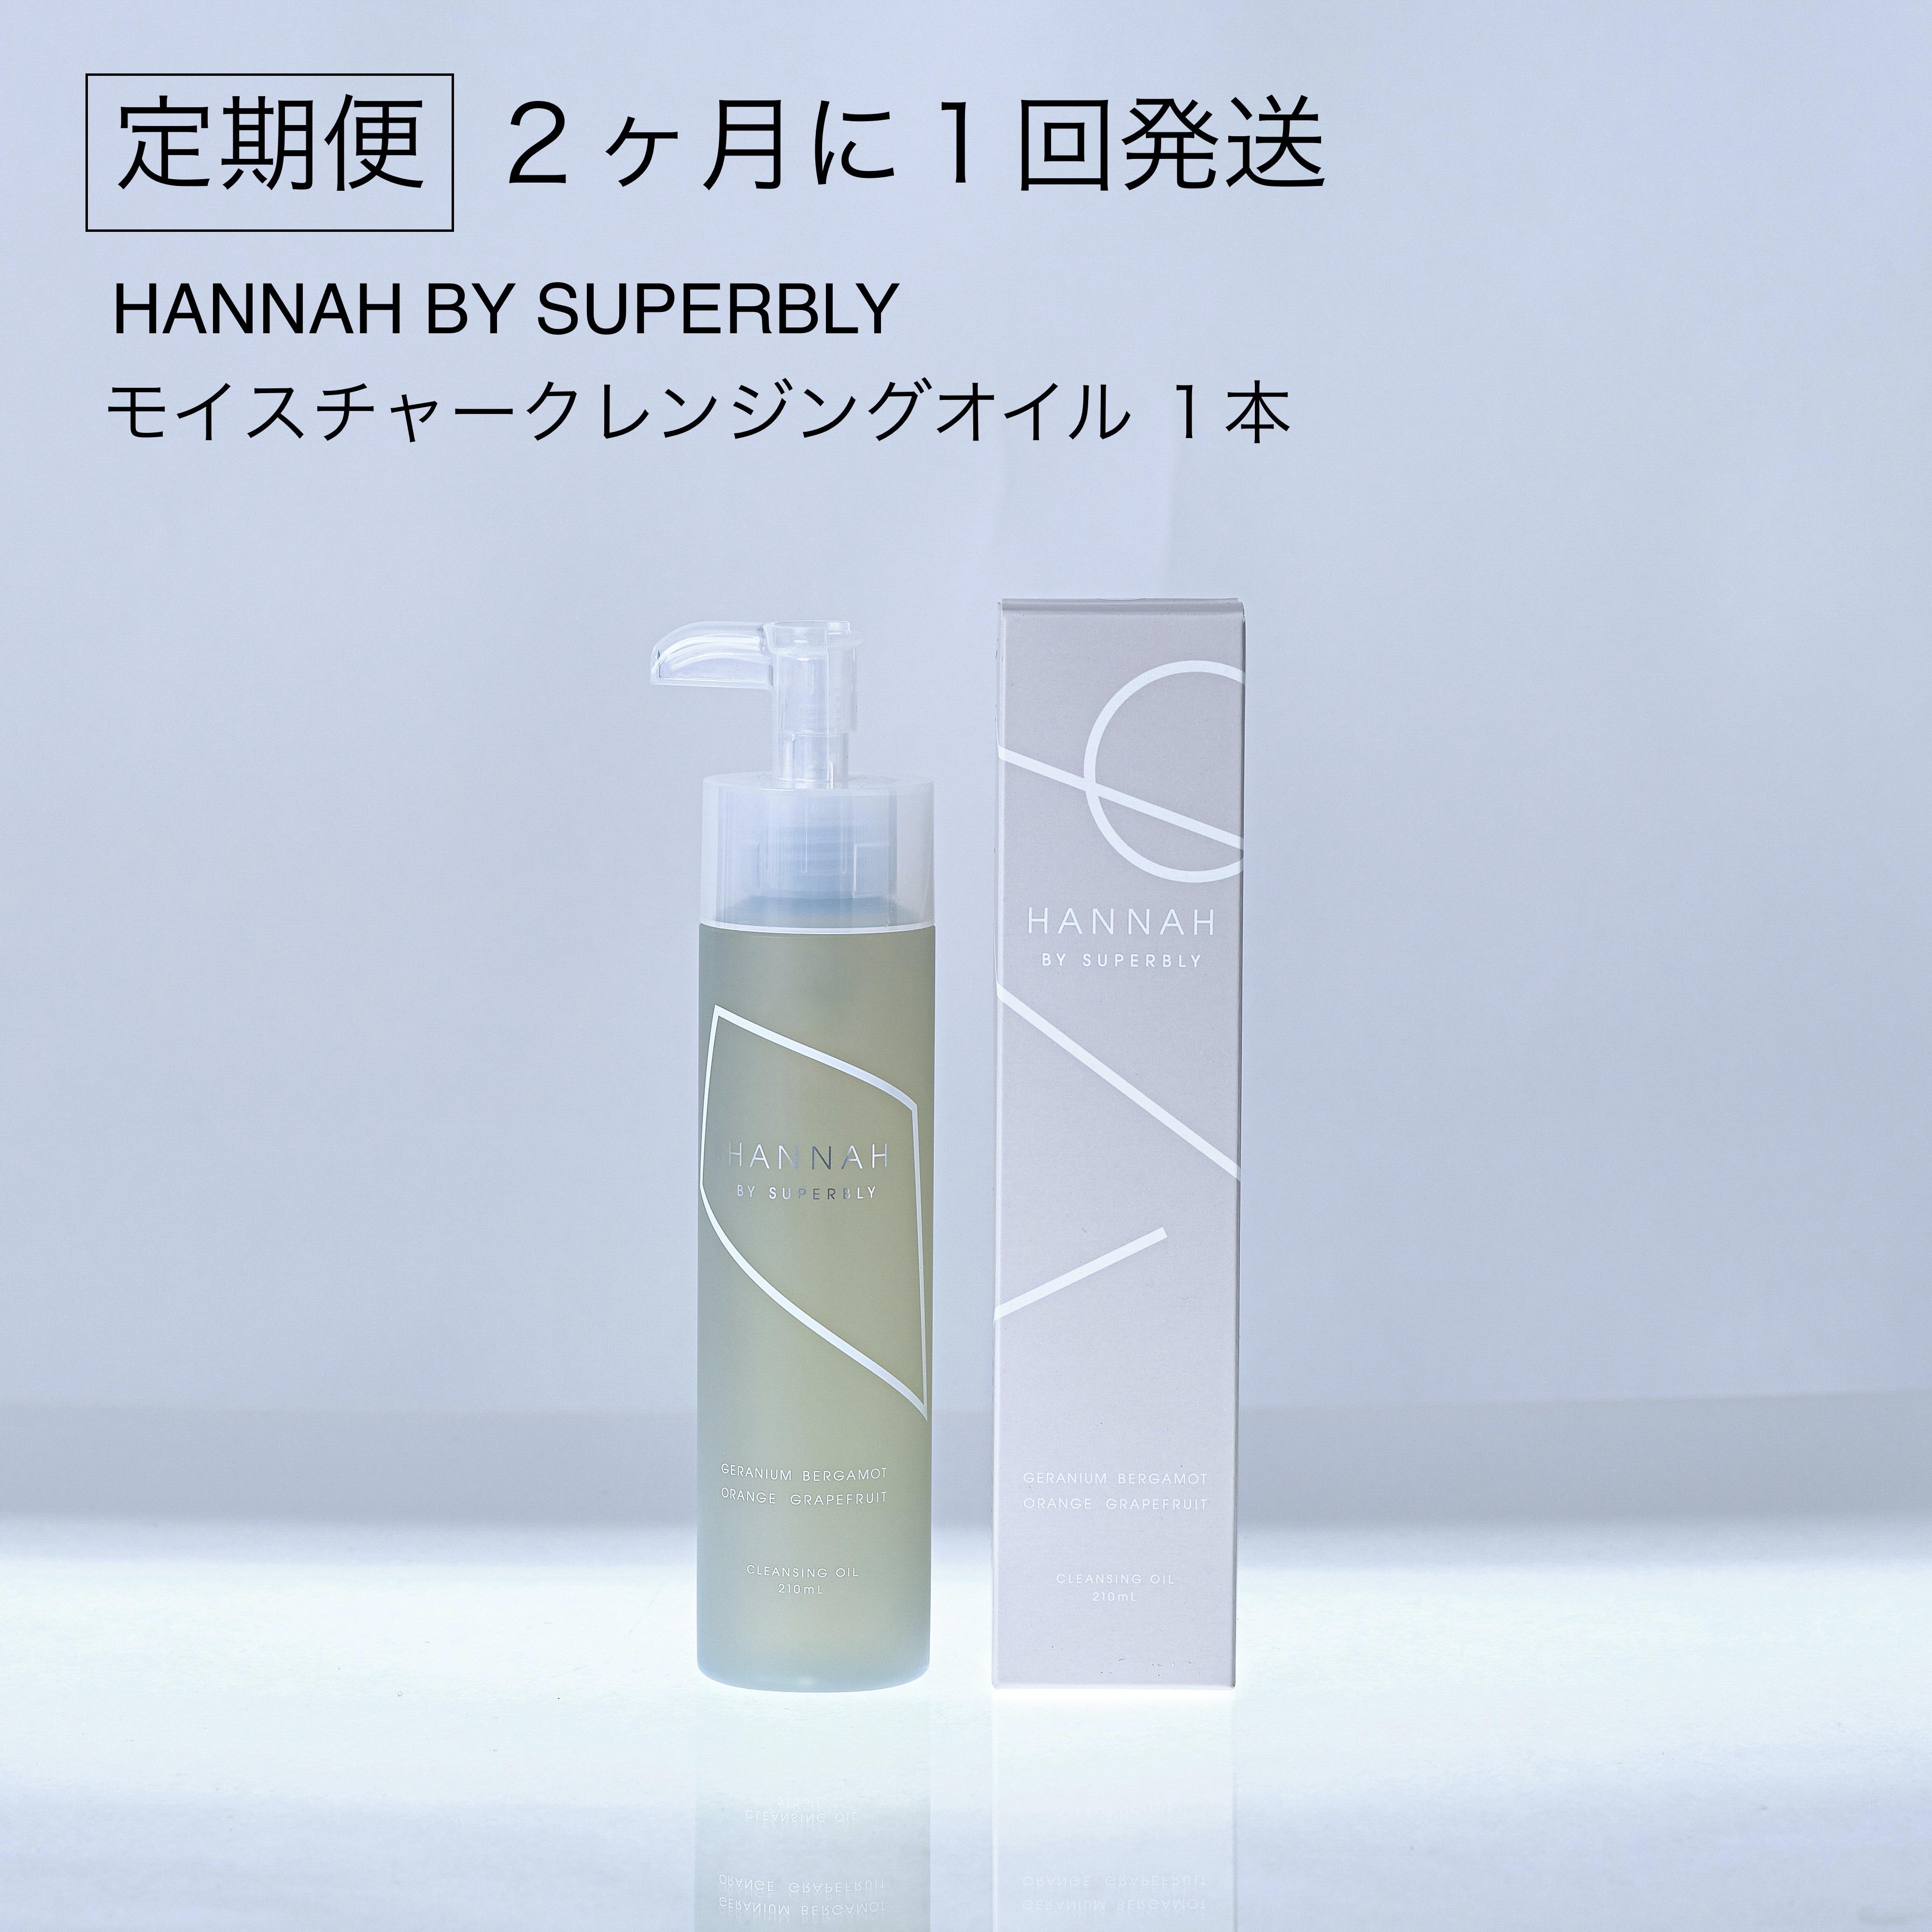 【定期便2ヶ月】HANNAH BY SUPERBLY モイスチャークレンジングオイル